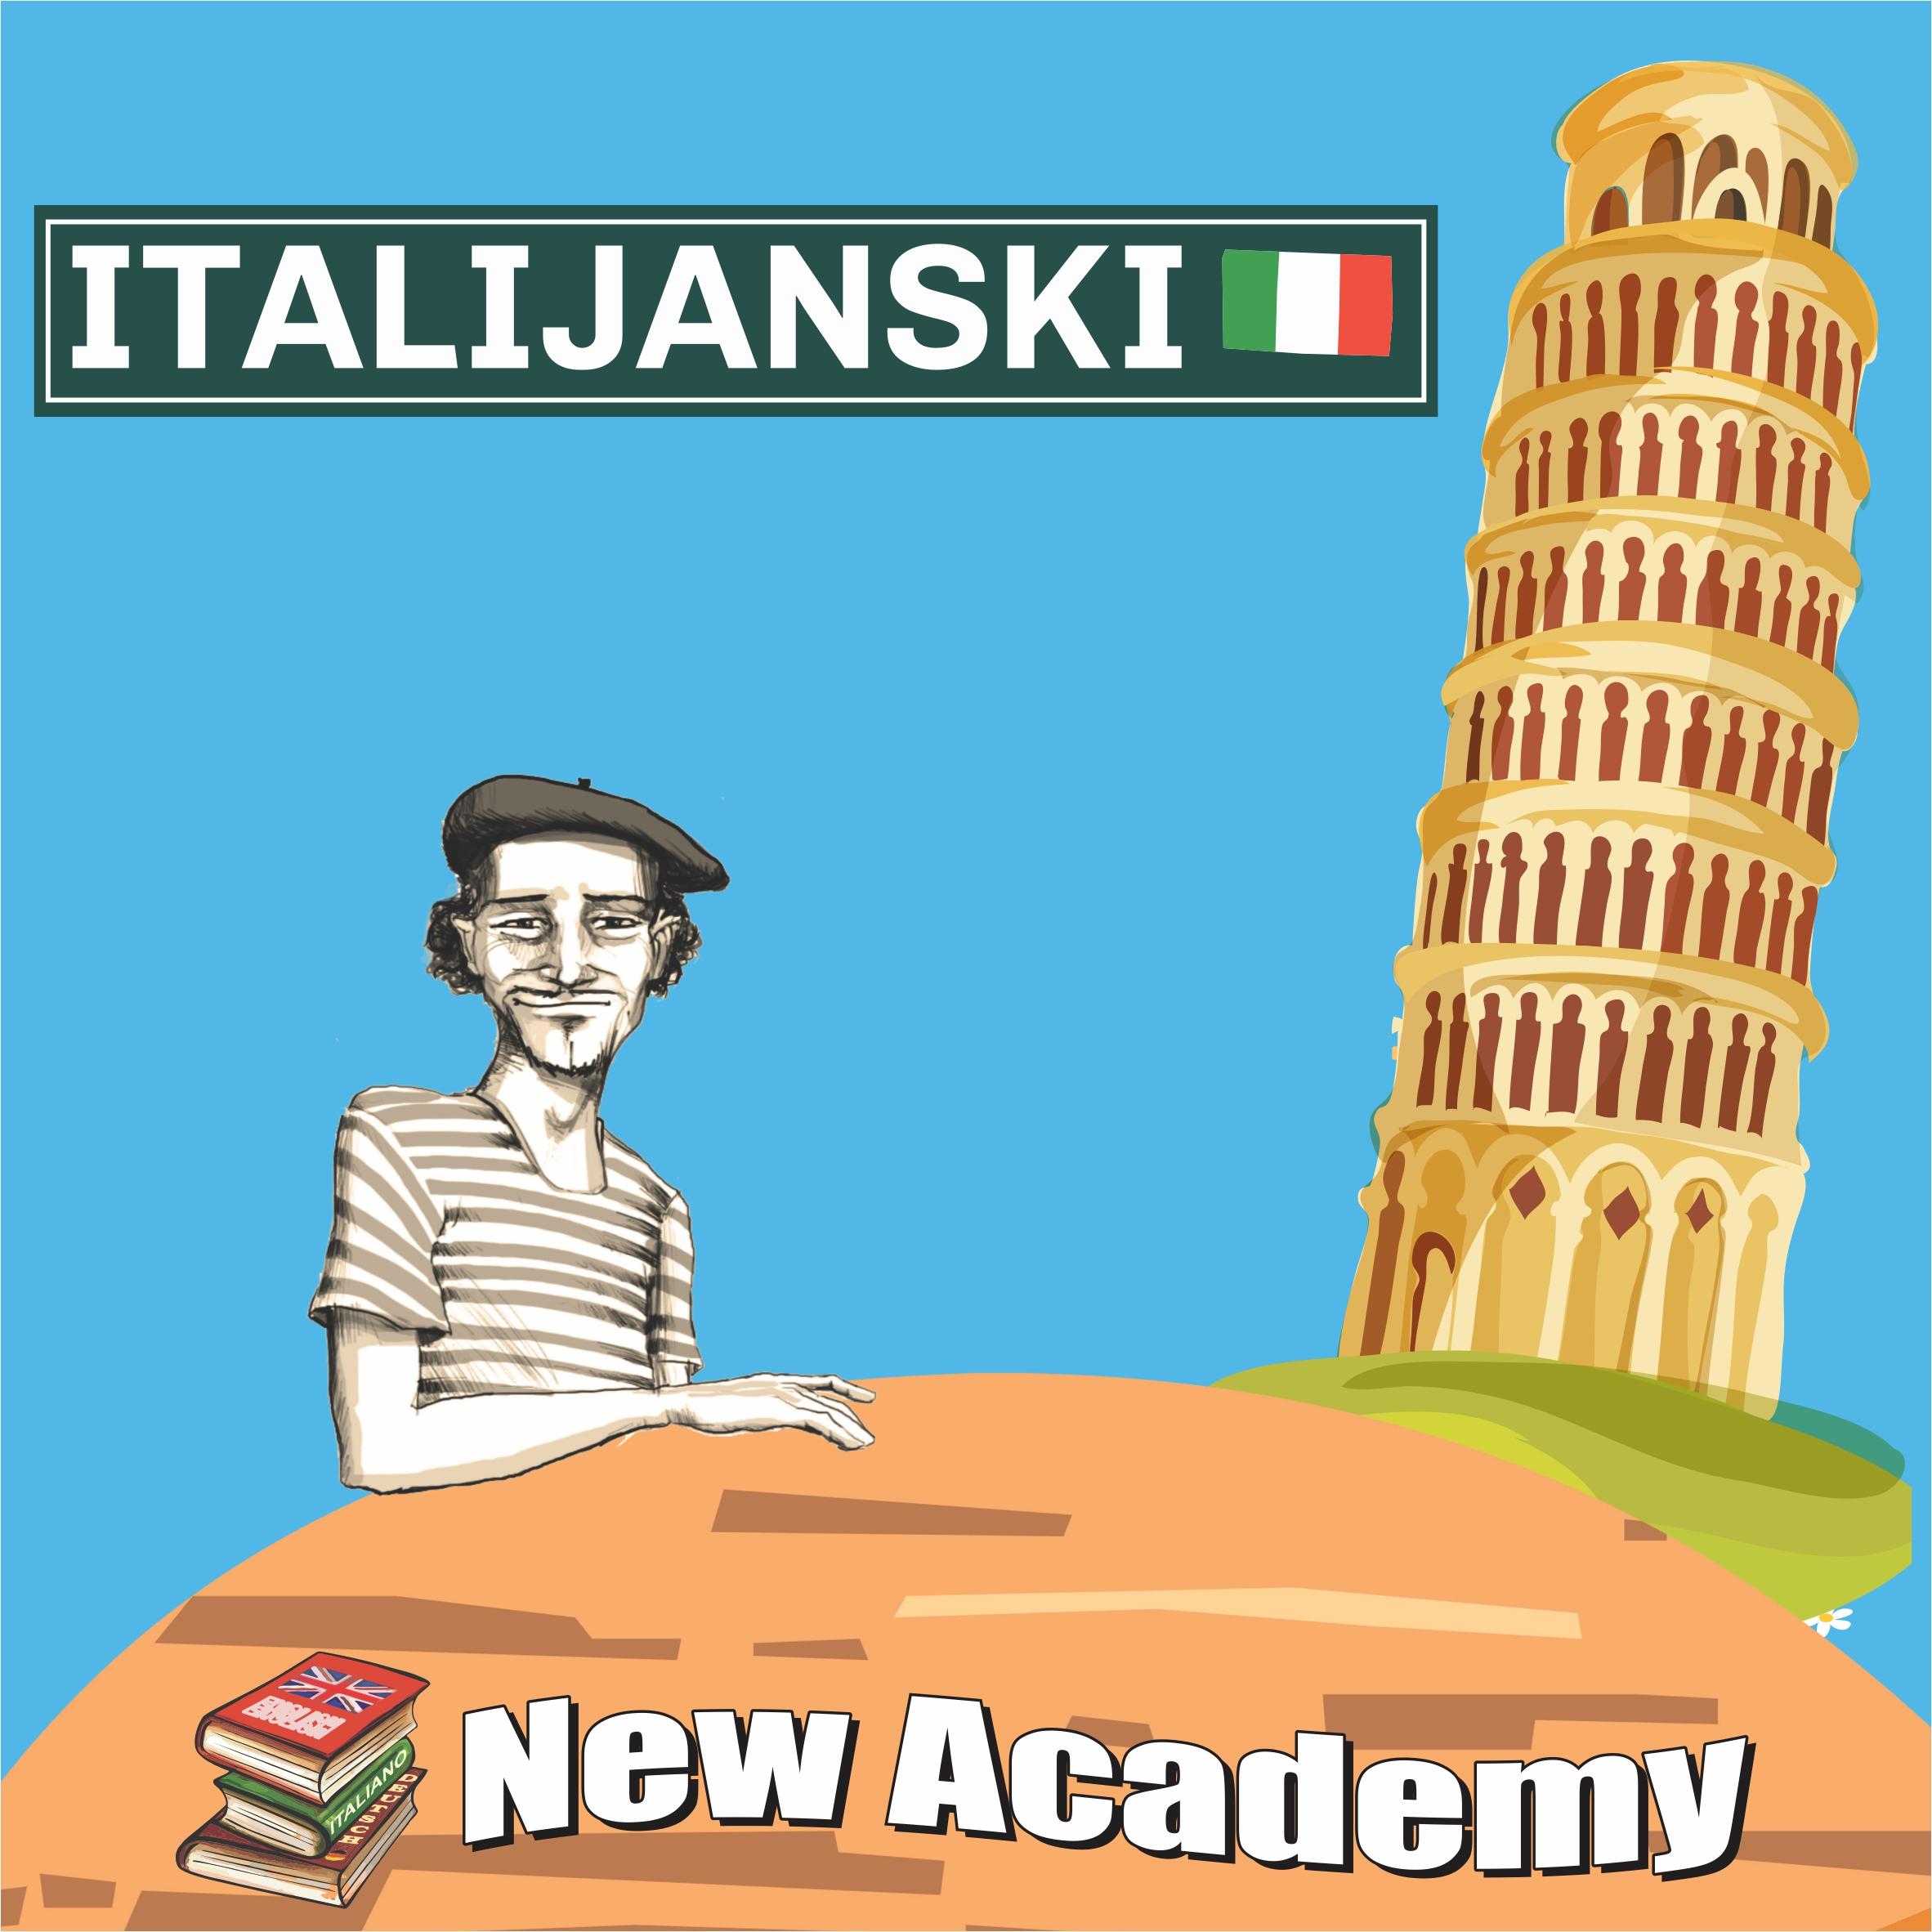 italijanski ikonica web site